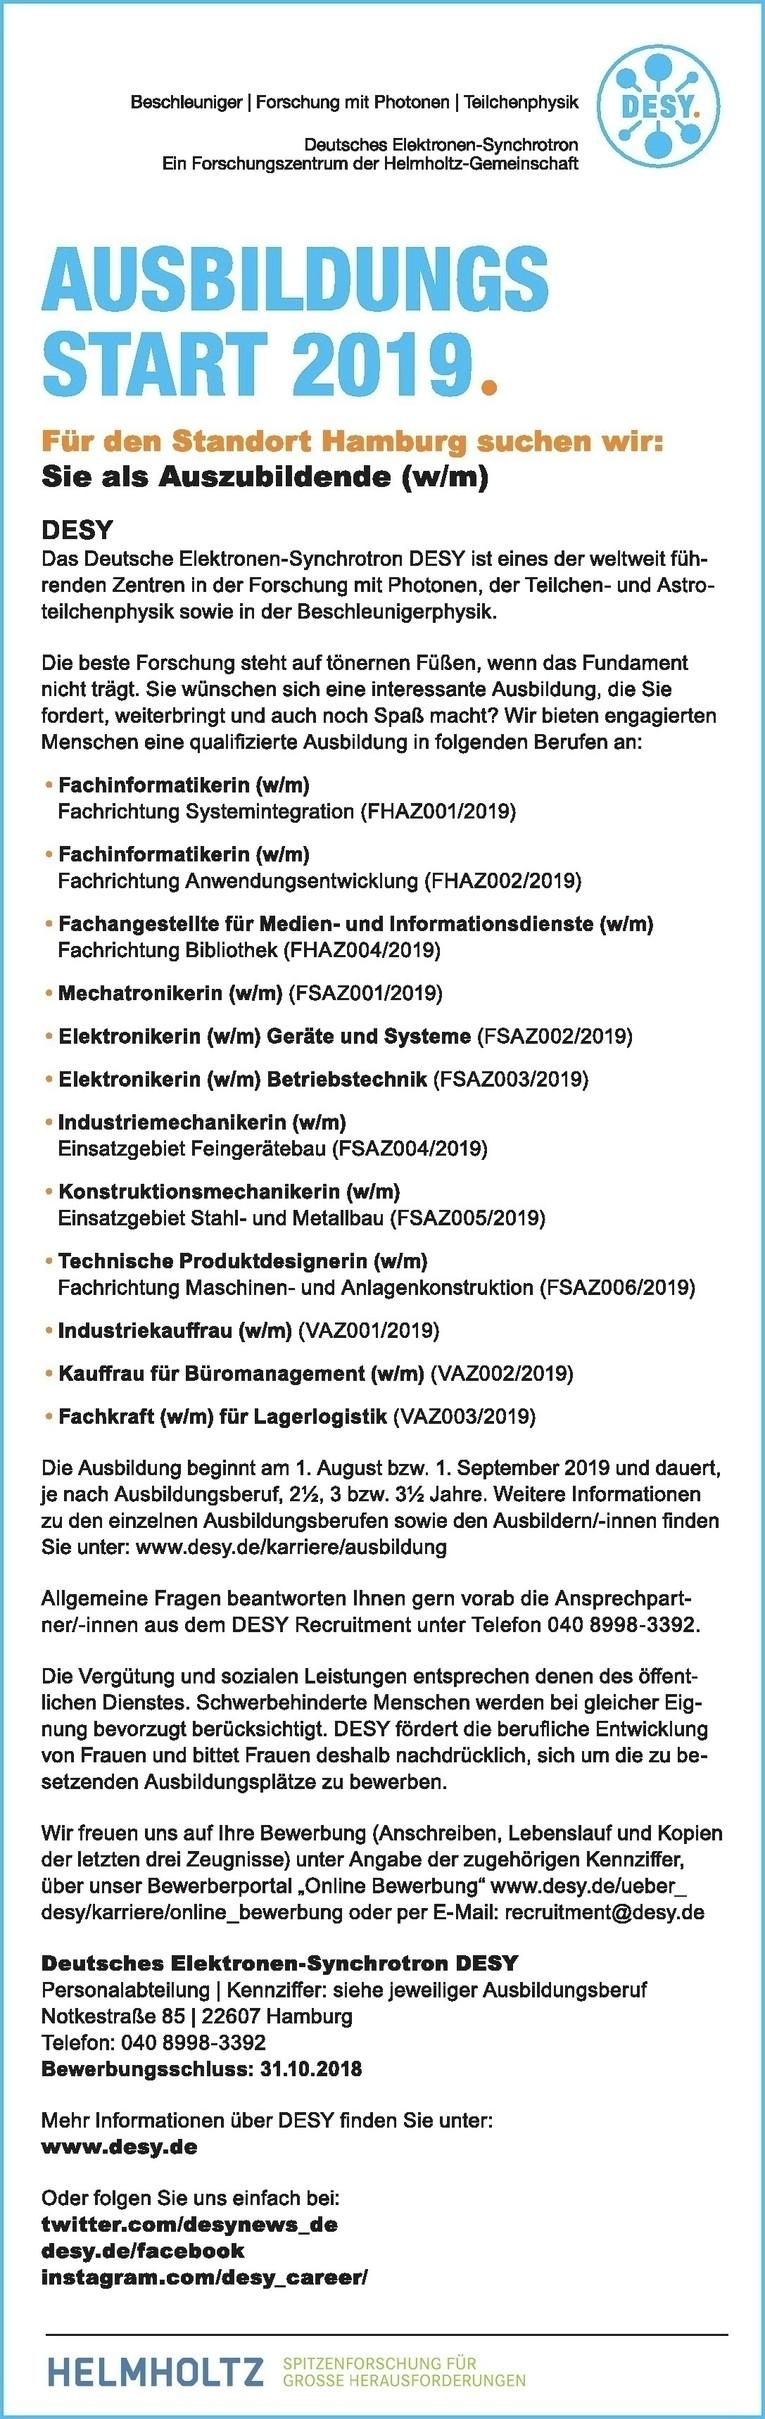 kauffrau fr bromanagement mw - Bewerbung Ausbildung Kauffrau Fr Bromanagement